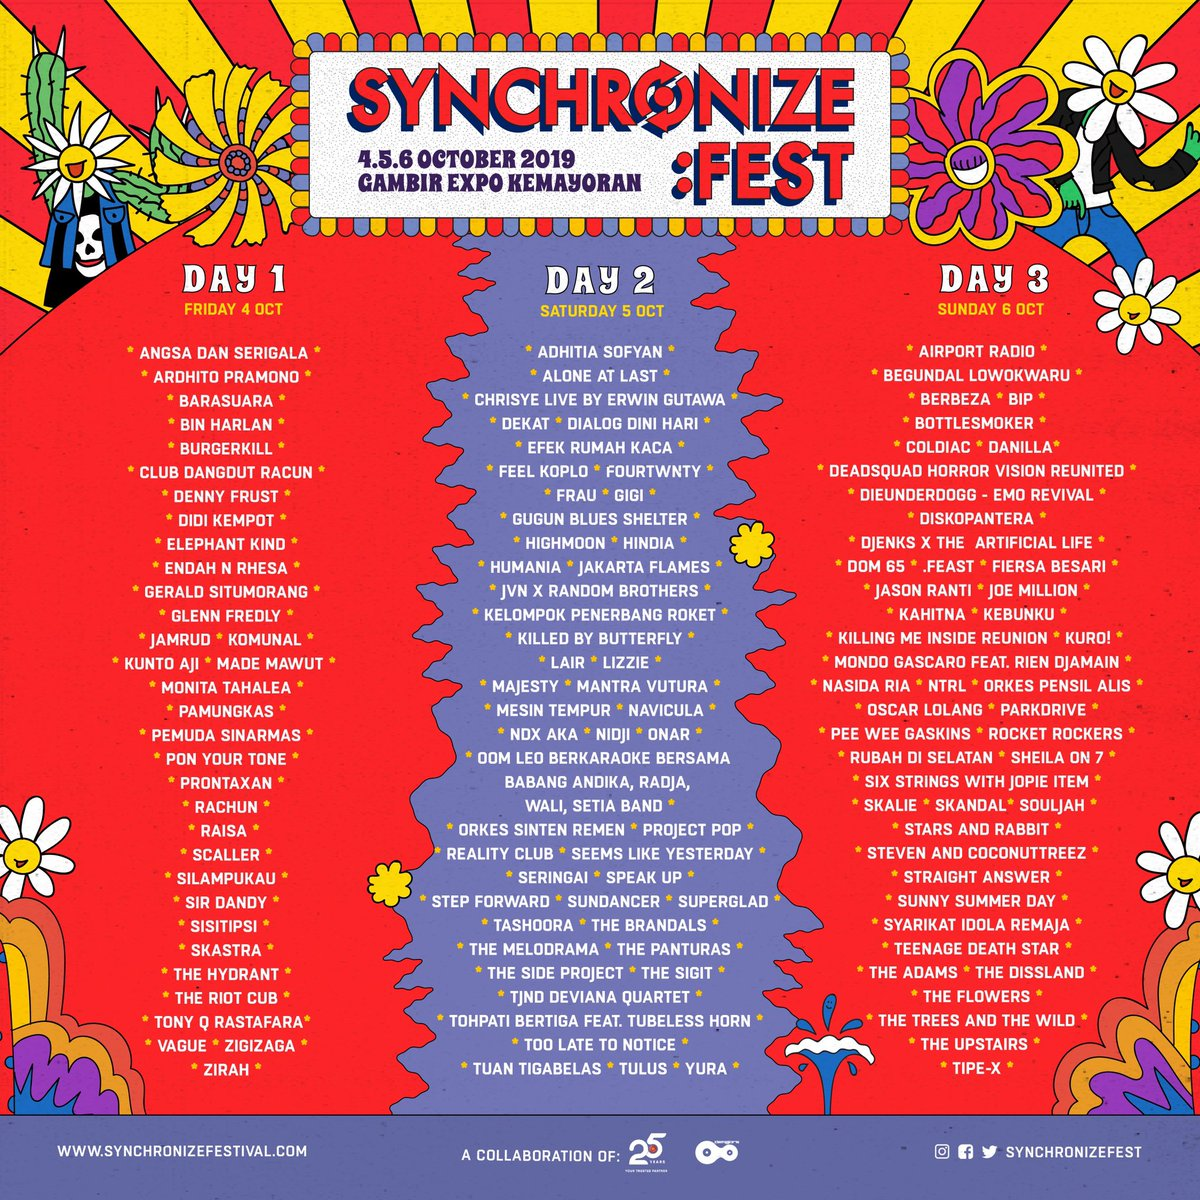 .@SynchronizeFest yang akan dihelat tanggal 4, 5, dan 6 Oktober 2019 di Gambir Expo Kemayoran, Jakarta hadirkan 129 nama artis. Untuk mendapatkan tiketnya, kalian bisa langsung mengunjungi website resmi mereka. Tag teman-teman kamu! 🕺🏻✨ #billboardid #synchronizefest https://t.co/D8H6yjDf3O